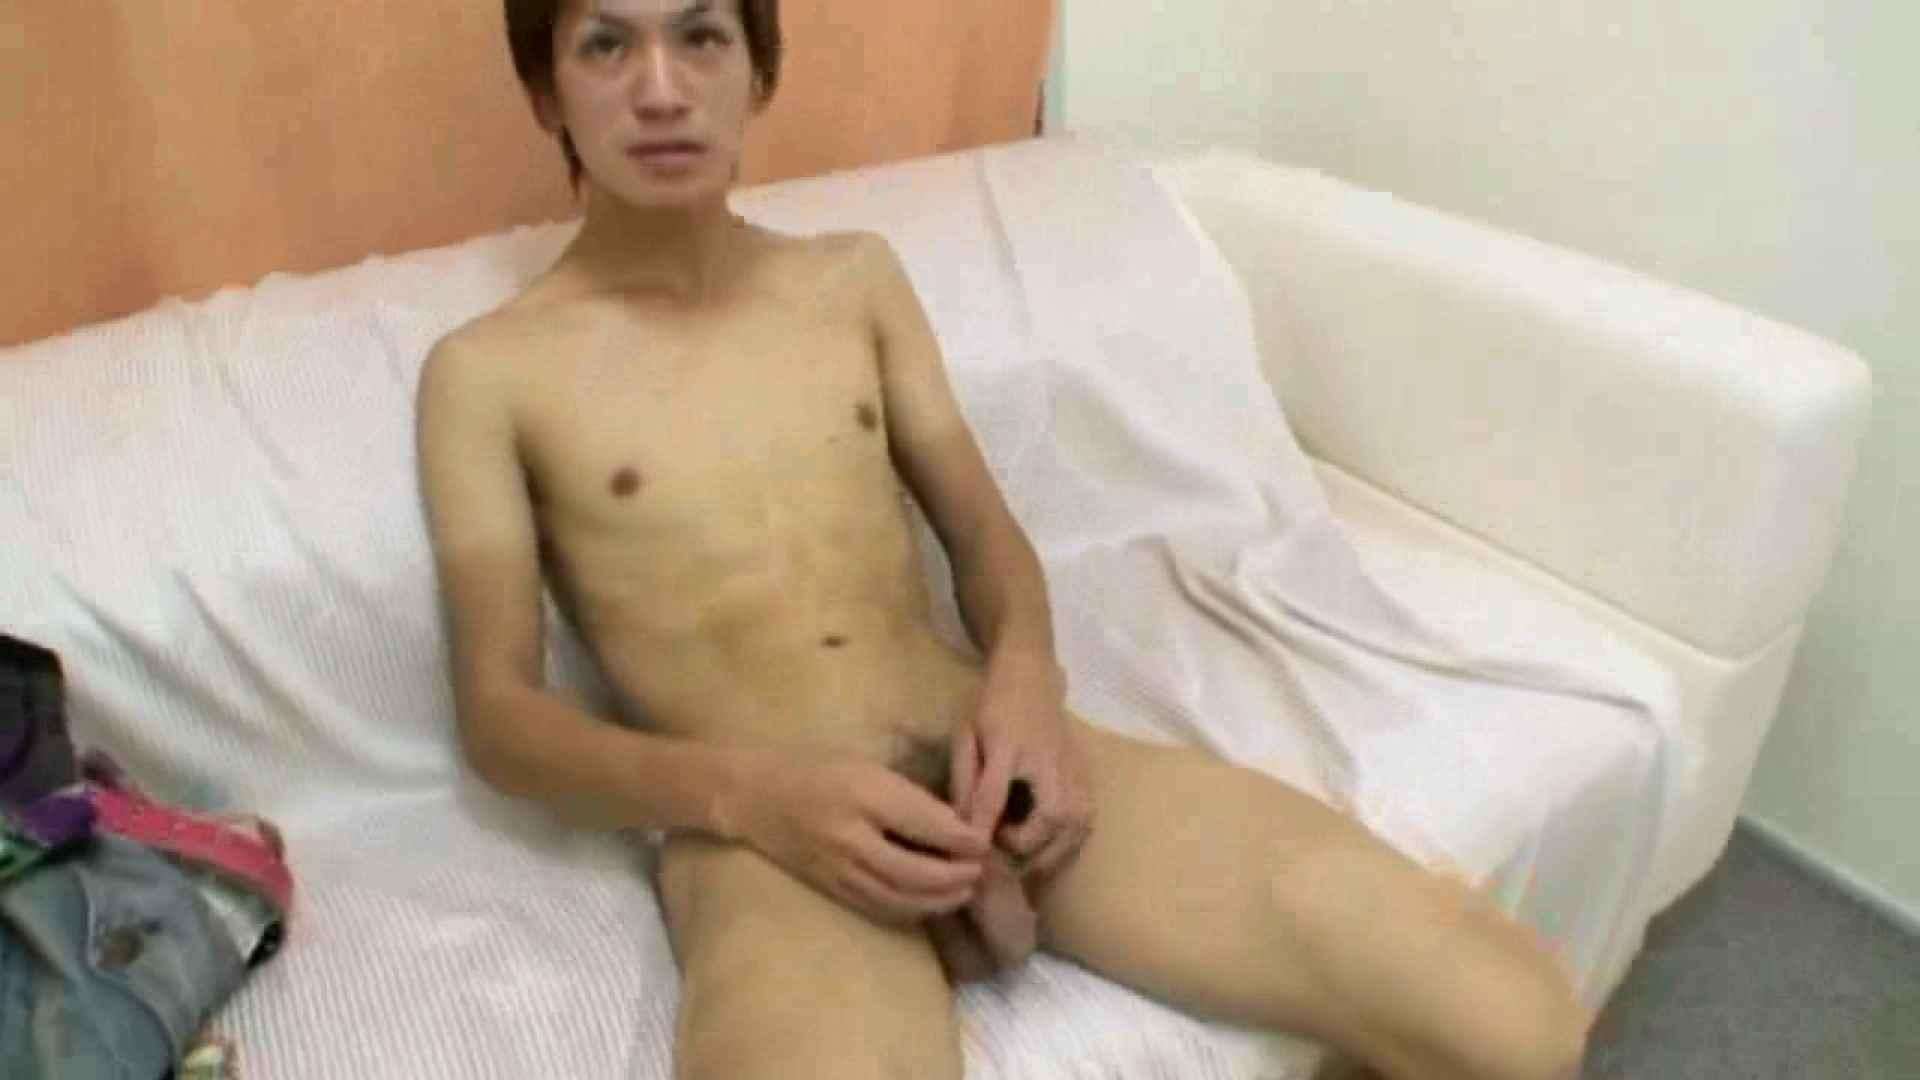 ノンケ!自慰スタジオ No.03 手コキ ゲイセックス画像 58pic 50